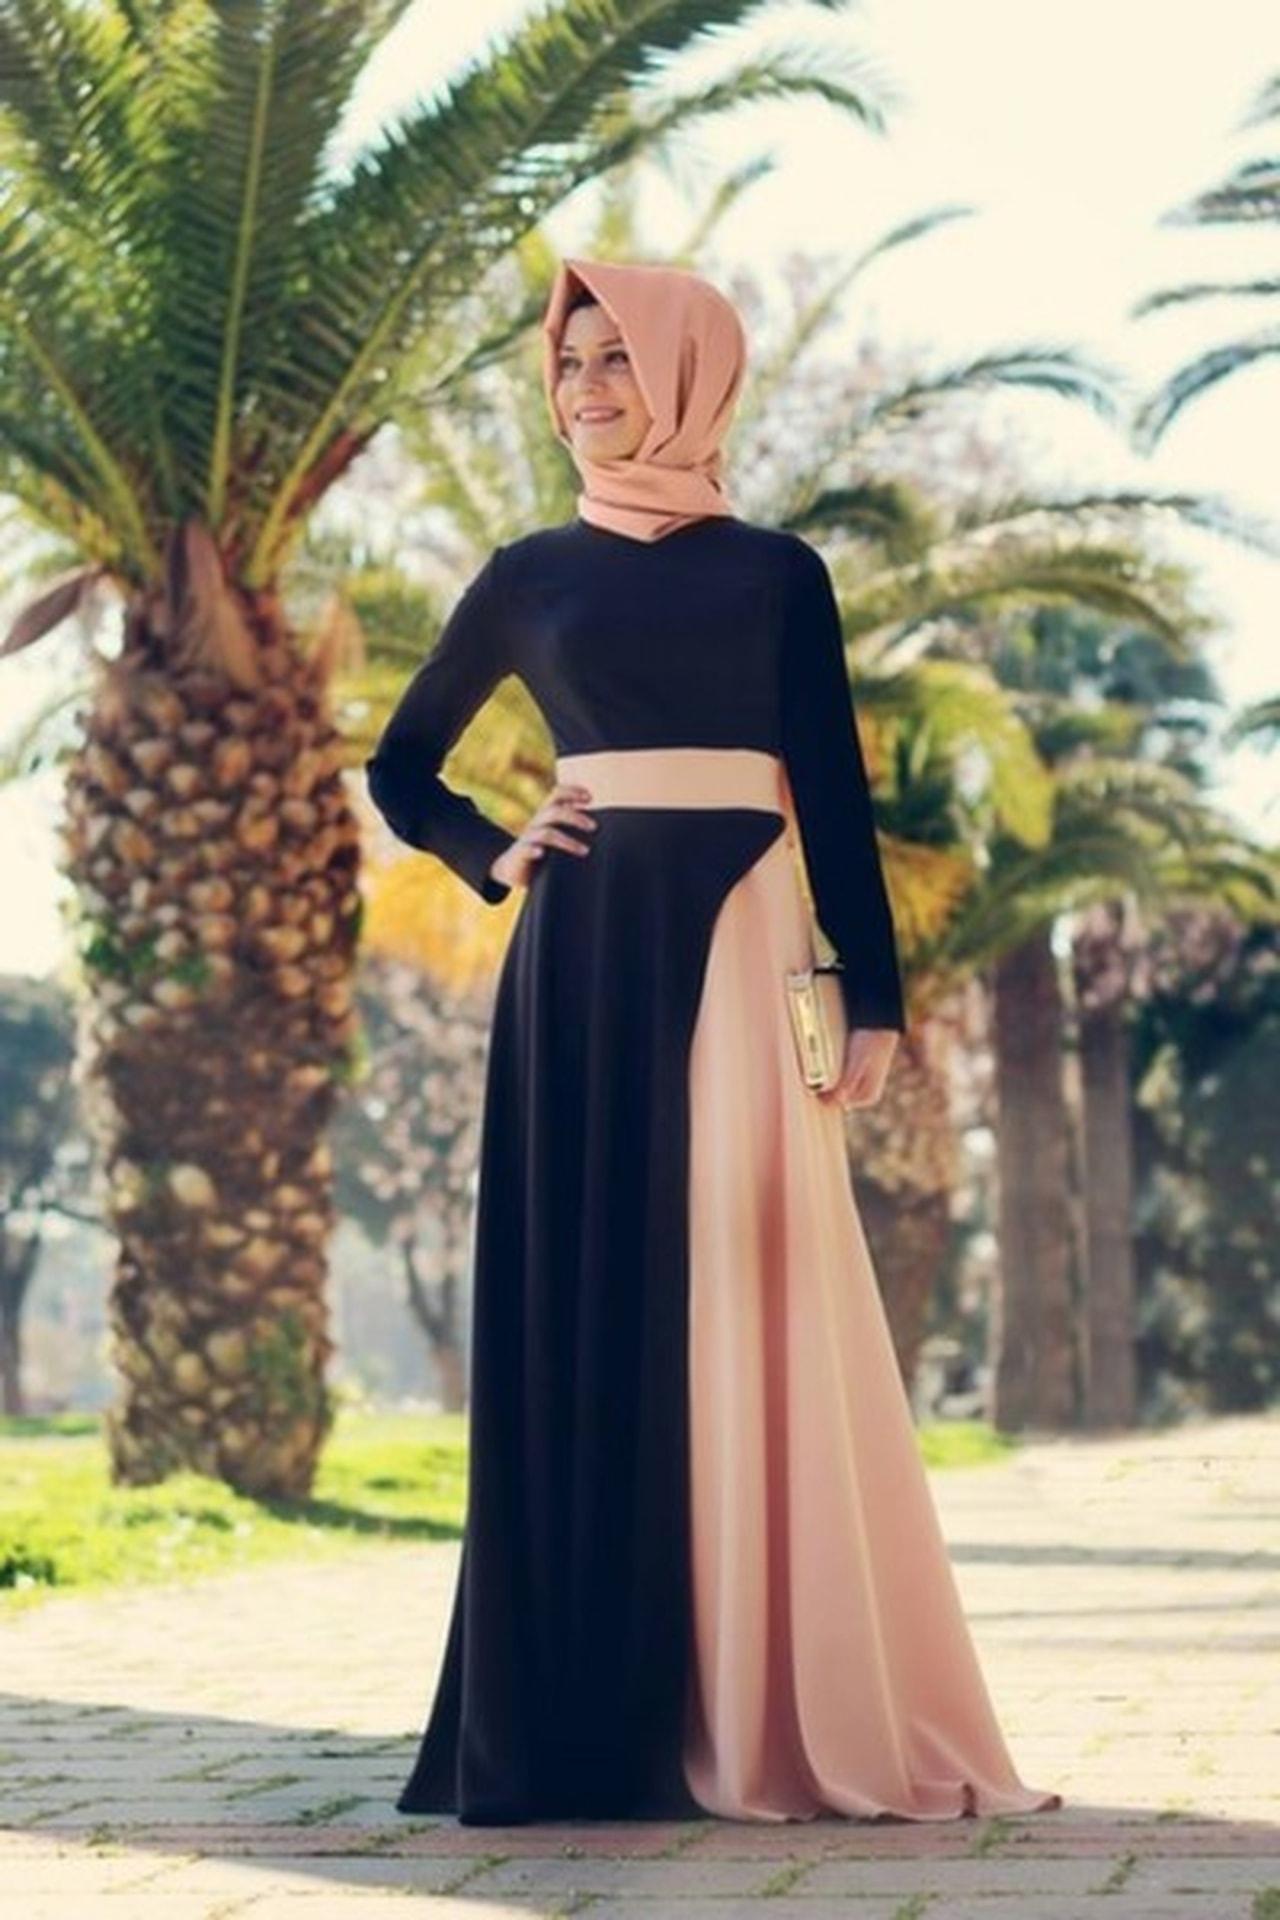 بالصور ملابس صيفية للمحجبات , اجمل فساتين وبدل الصيف للبنات 1093 3